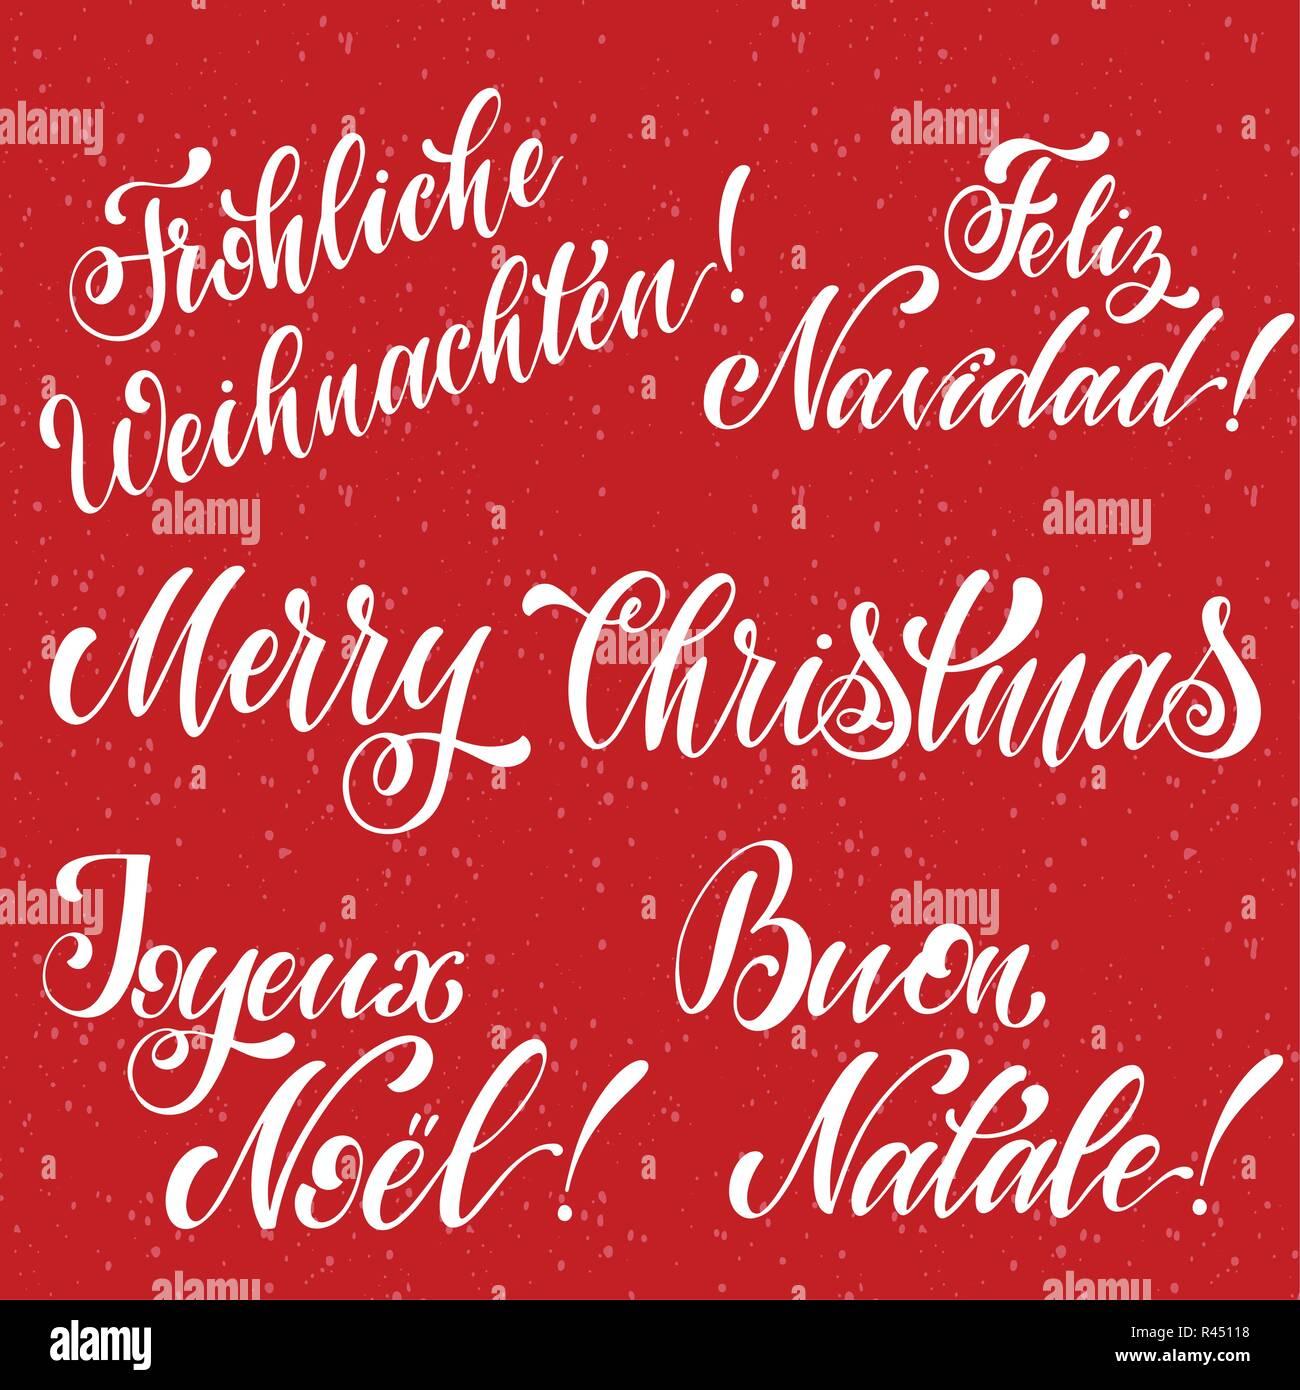 Lettera Di Auguri Di Natale In Inglese.Buon Natale Di Scritte In Inglese Francese Tedesco Spagnolo E